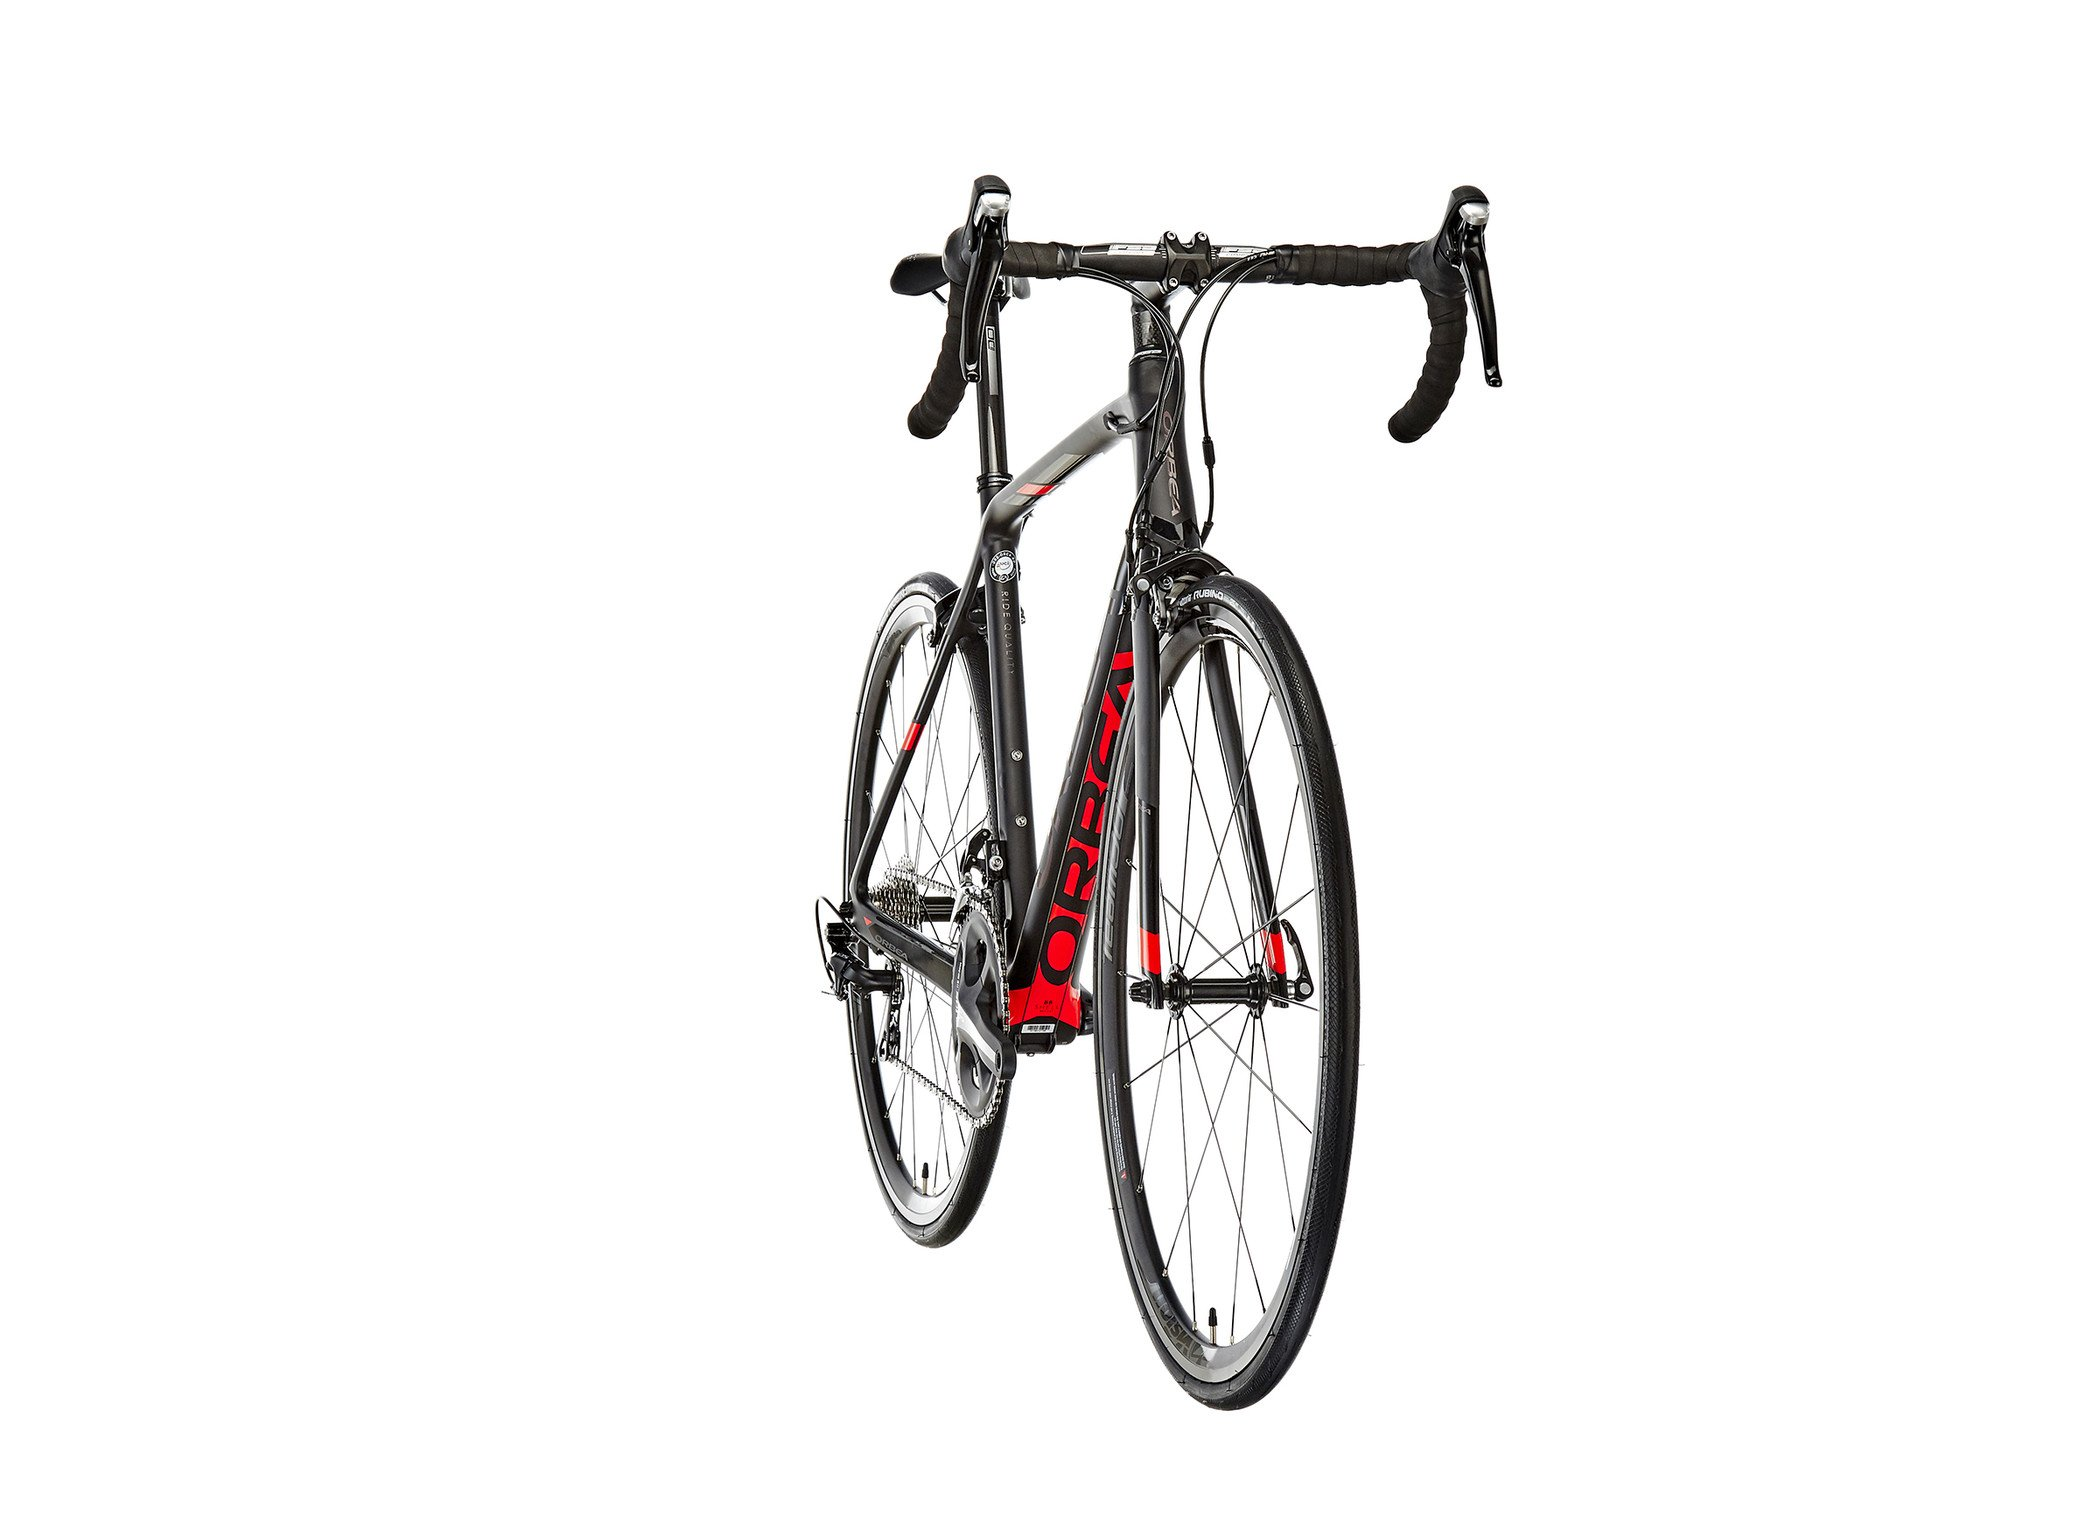 ORBEA - Bicicleta de Carretera Orca m30: Amazon.es: Deportes y ...